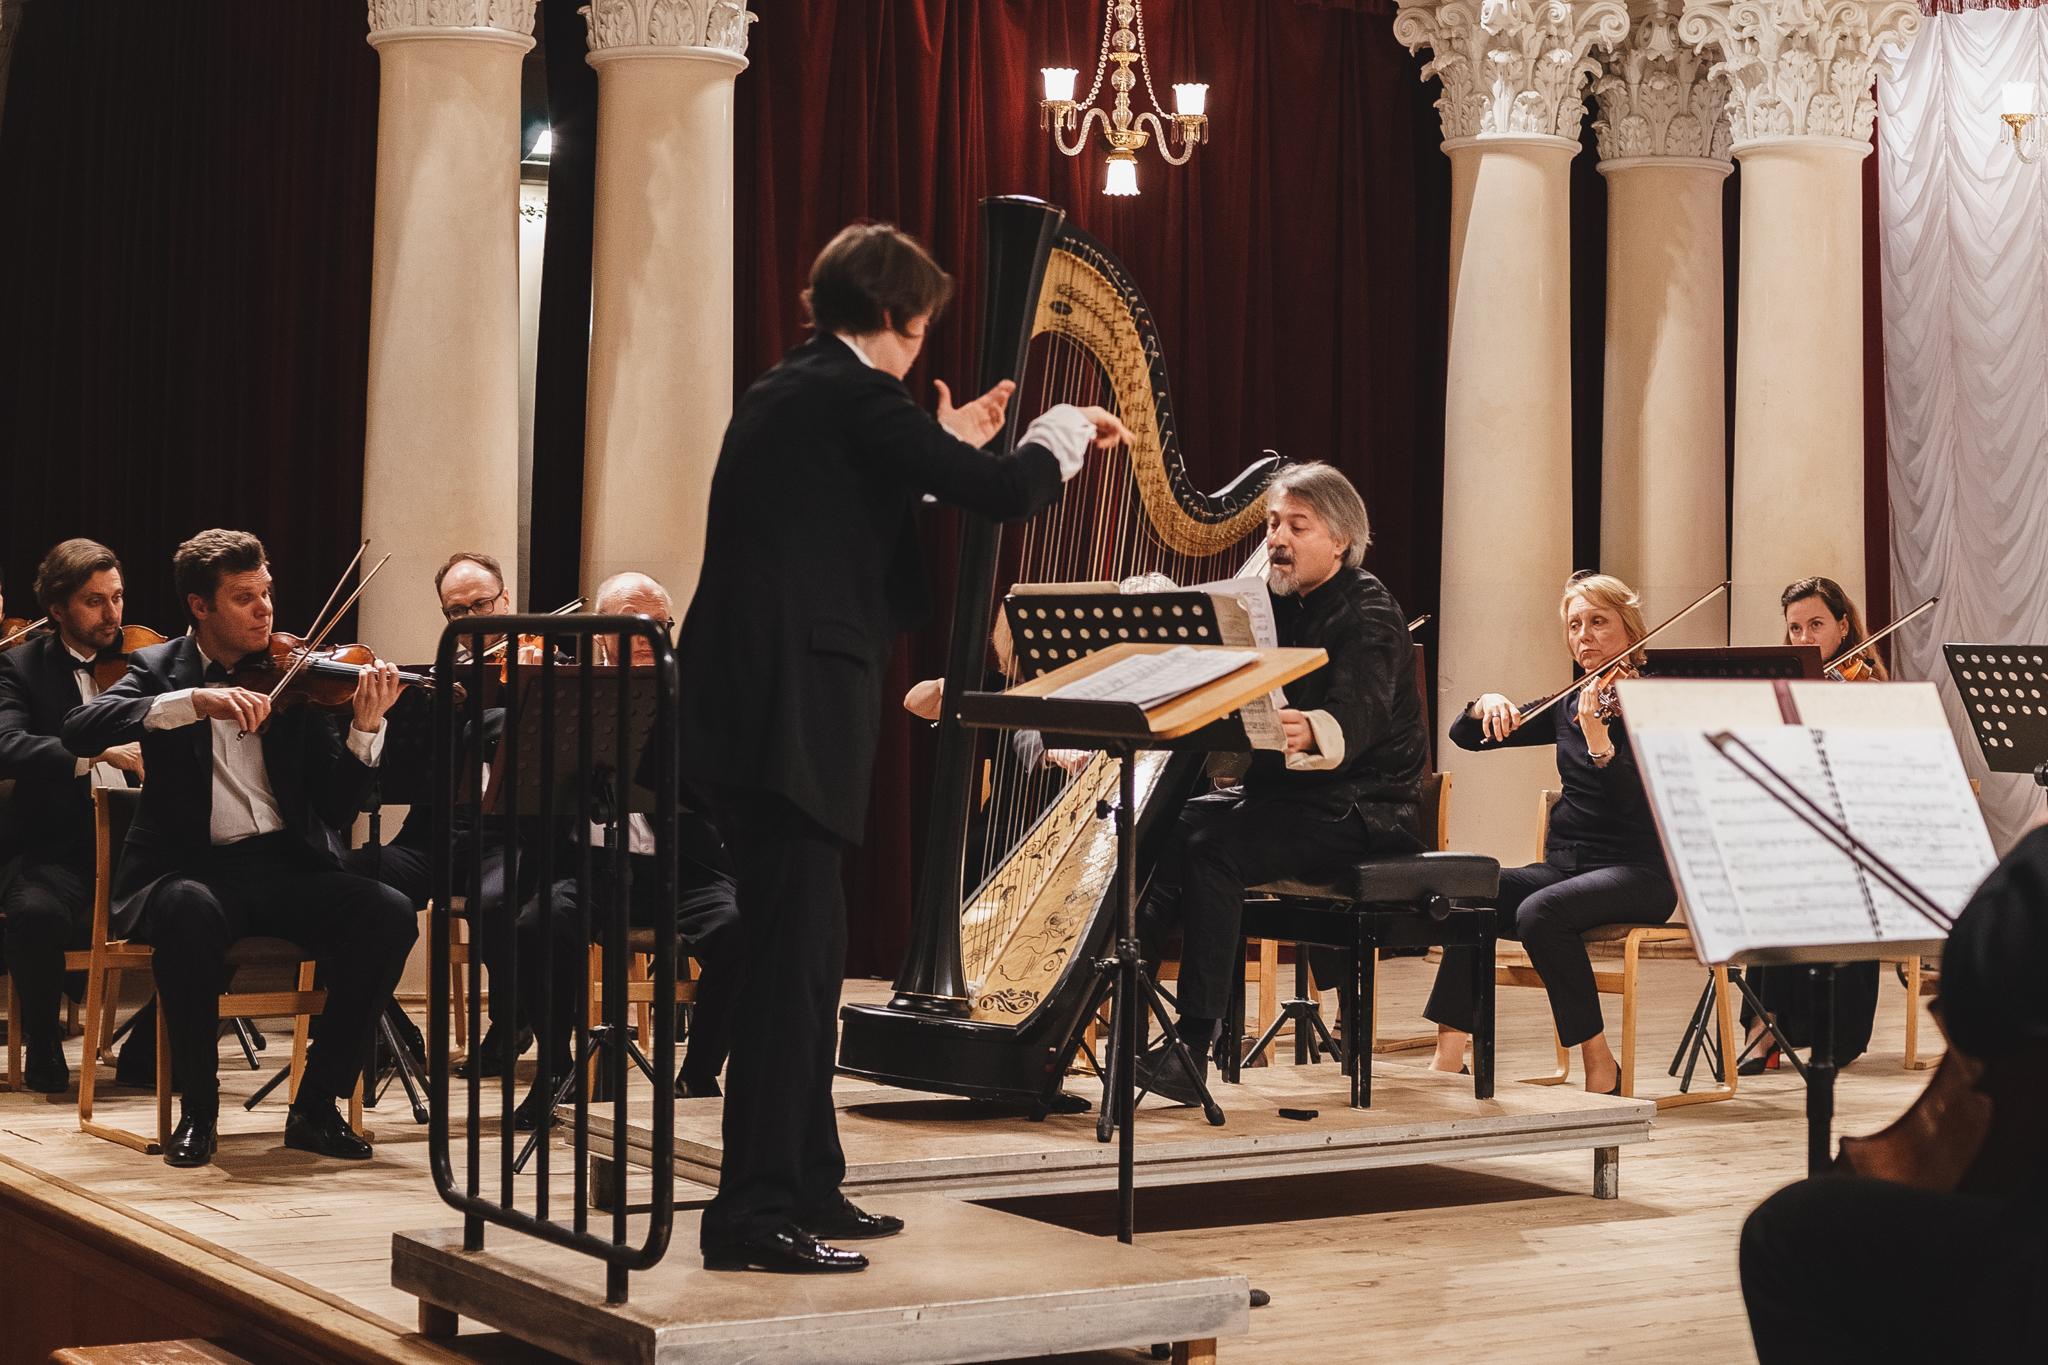 Турецький музикант Чагатай Акйол дав концерт у Києві